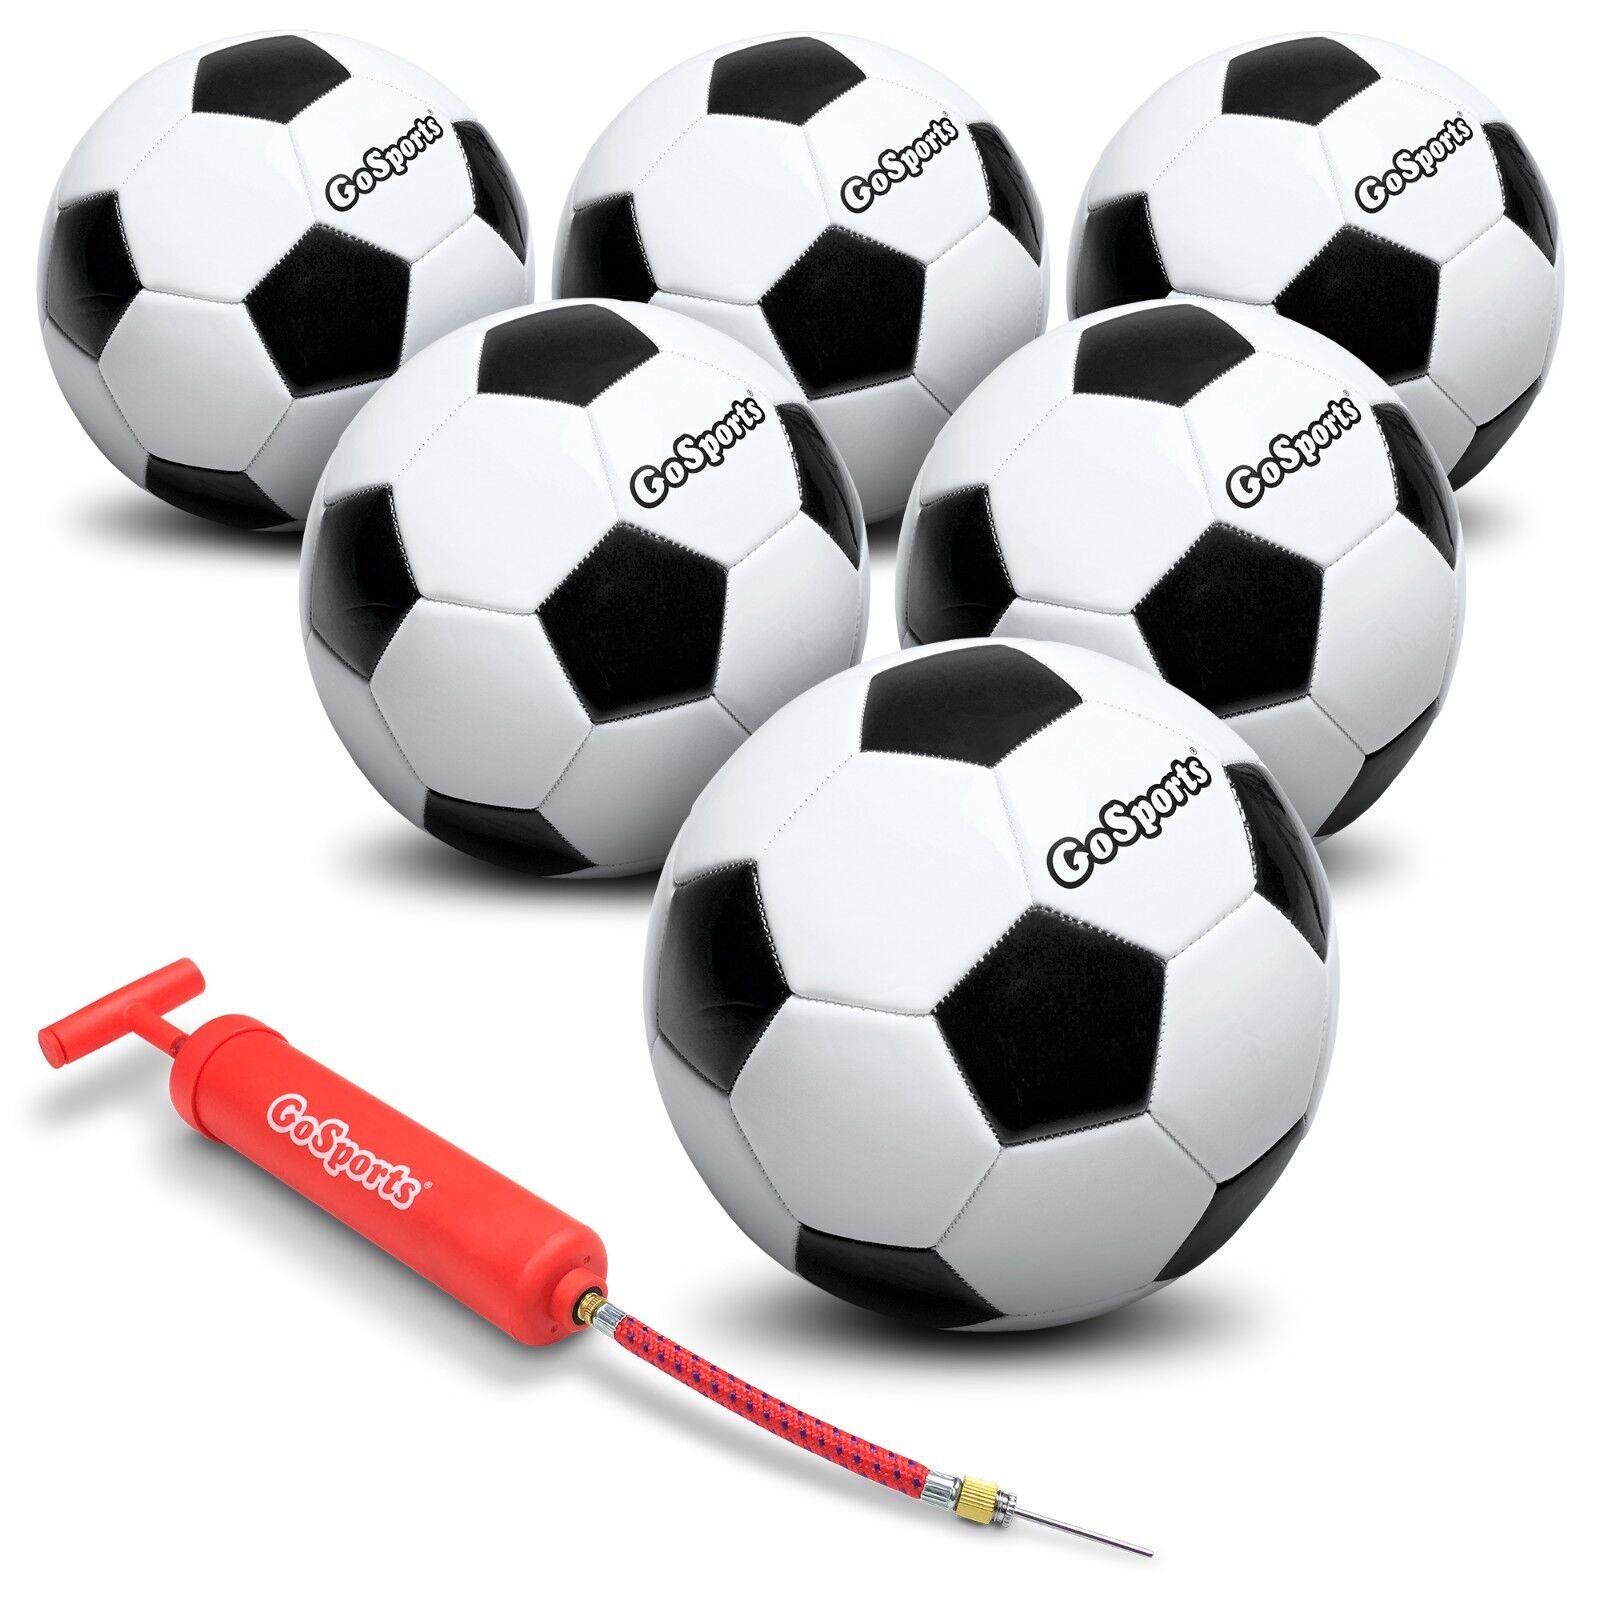 Gosports Classic pelota de de de fútbol Paquete de 6-Tamaño Oficial 5 para ligas y recreación 0cf3dc